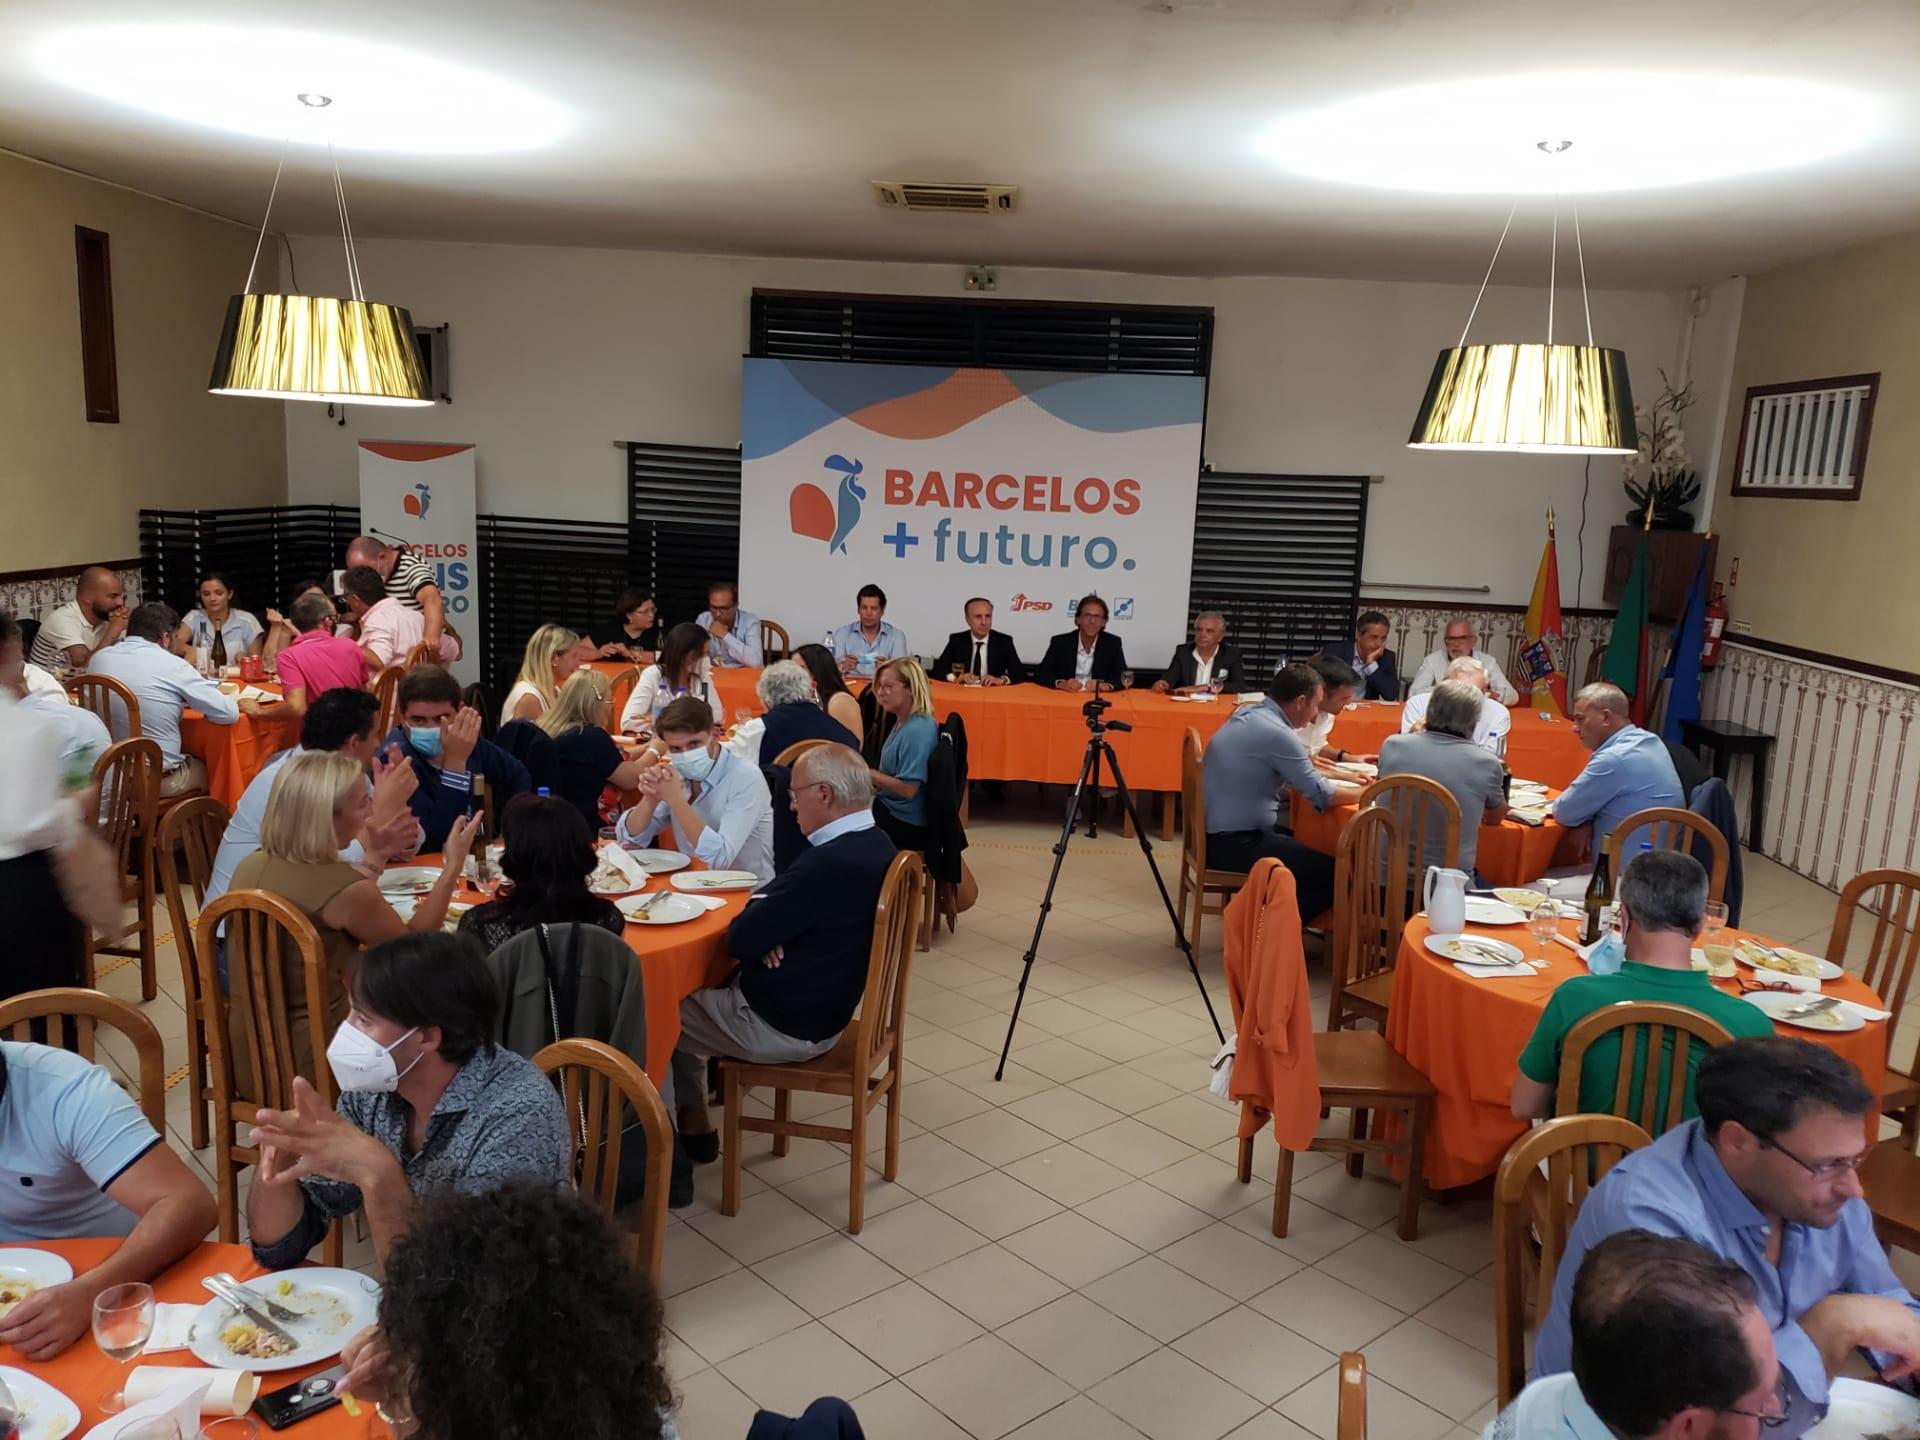 Autárquicas. Coligação Barcelos Mais Futuro parte para as eleições para ganhar a Câmara ao PS